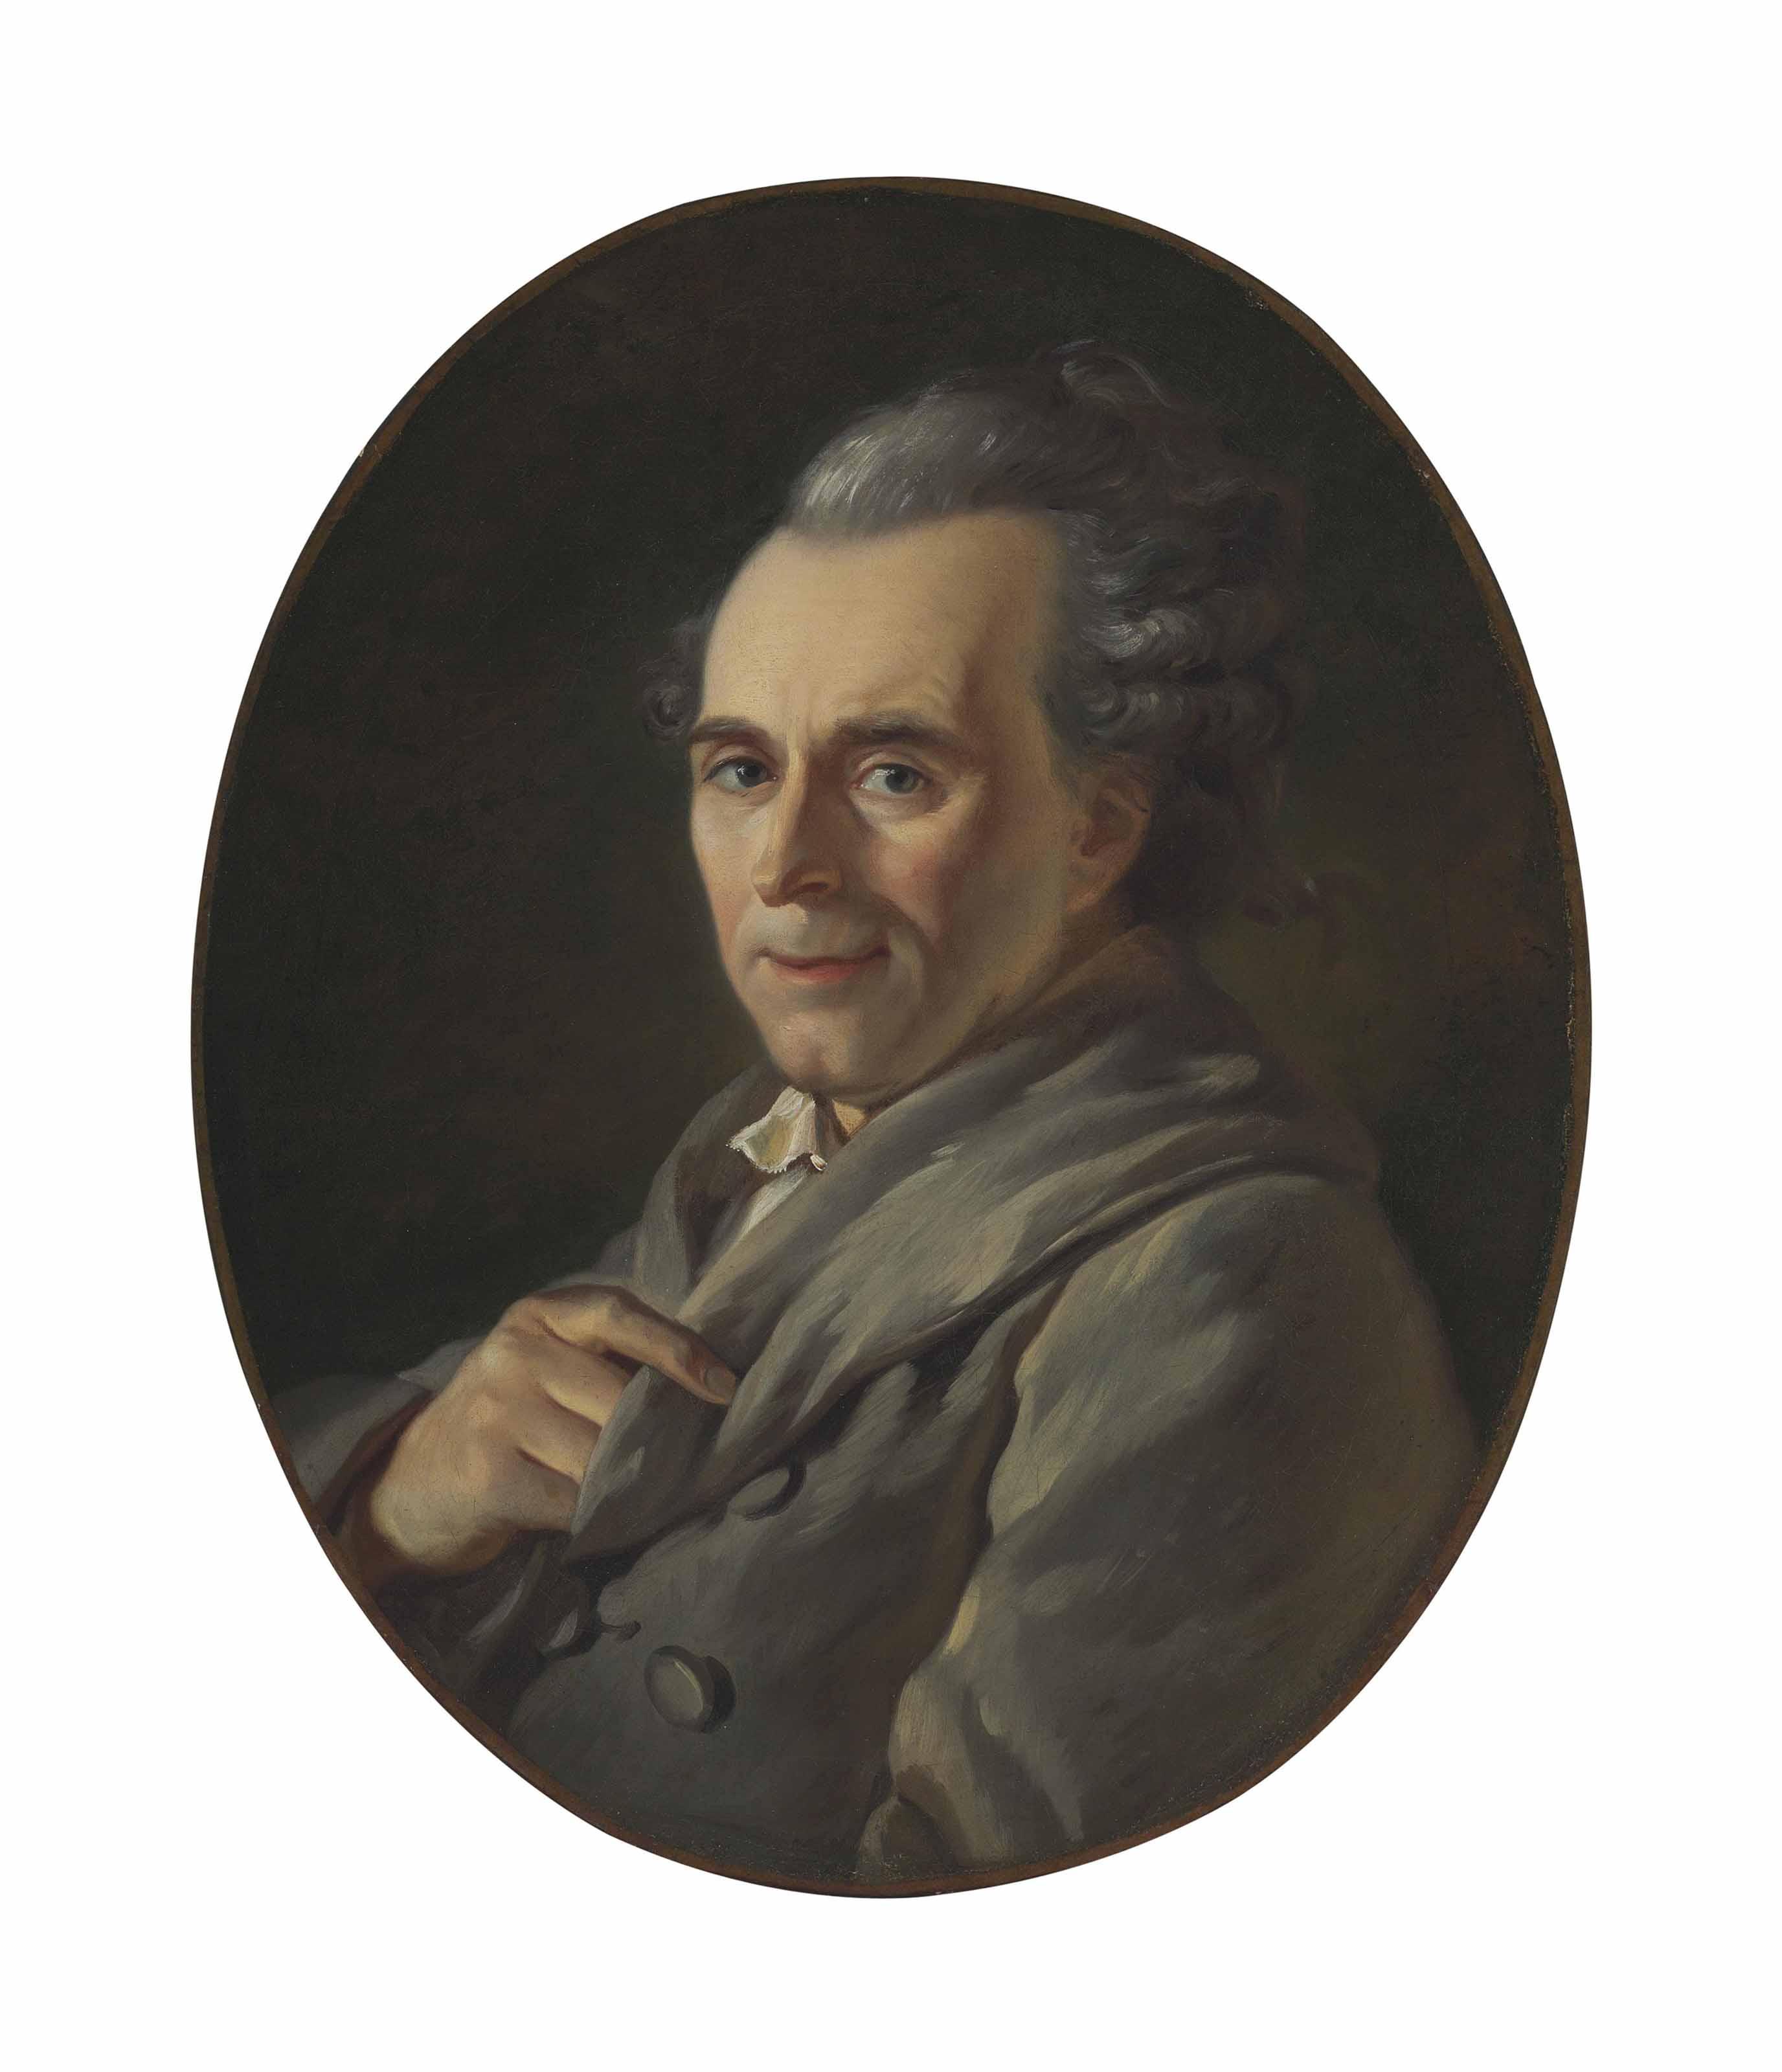 Portrait of Michel-Jean Sedaine